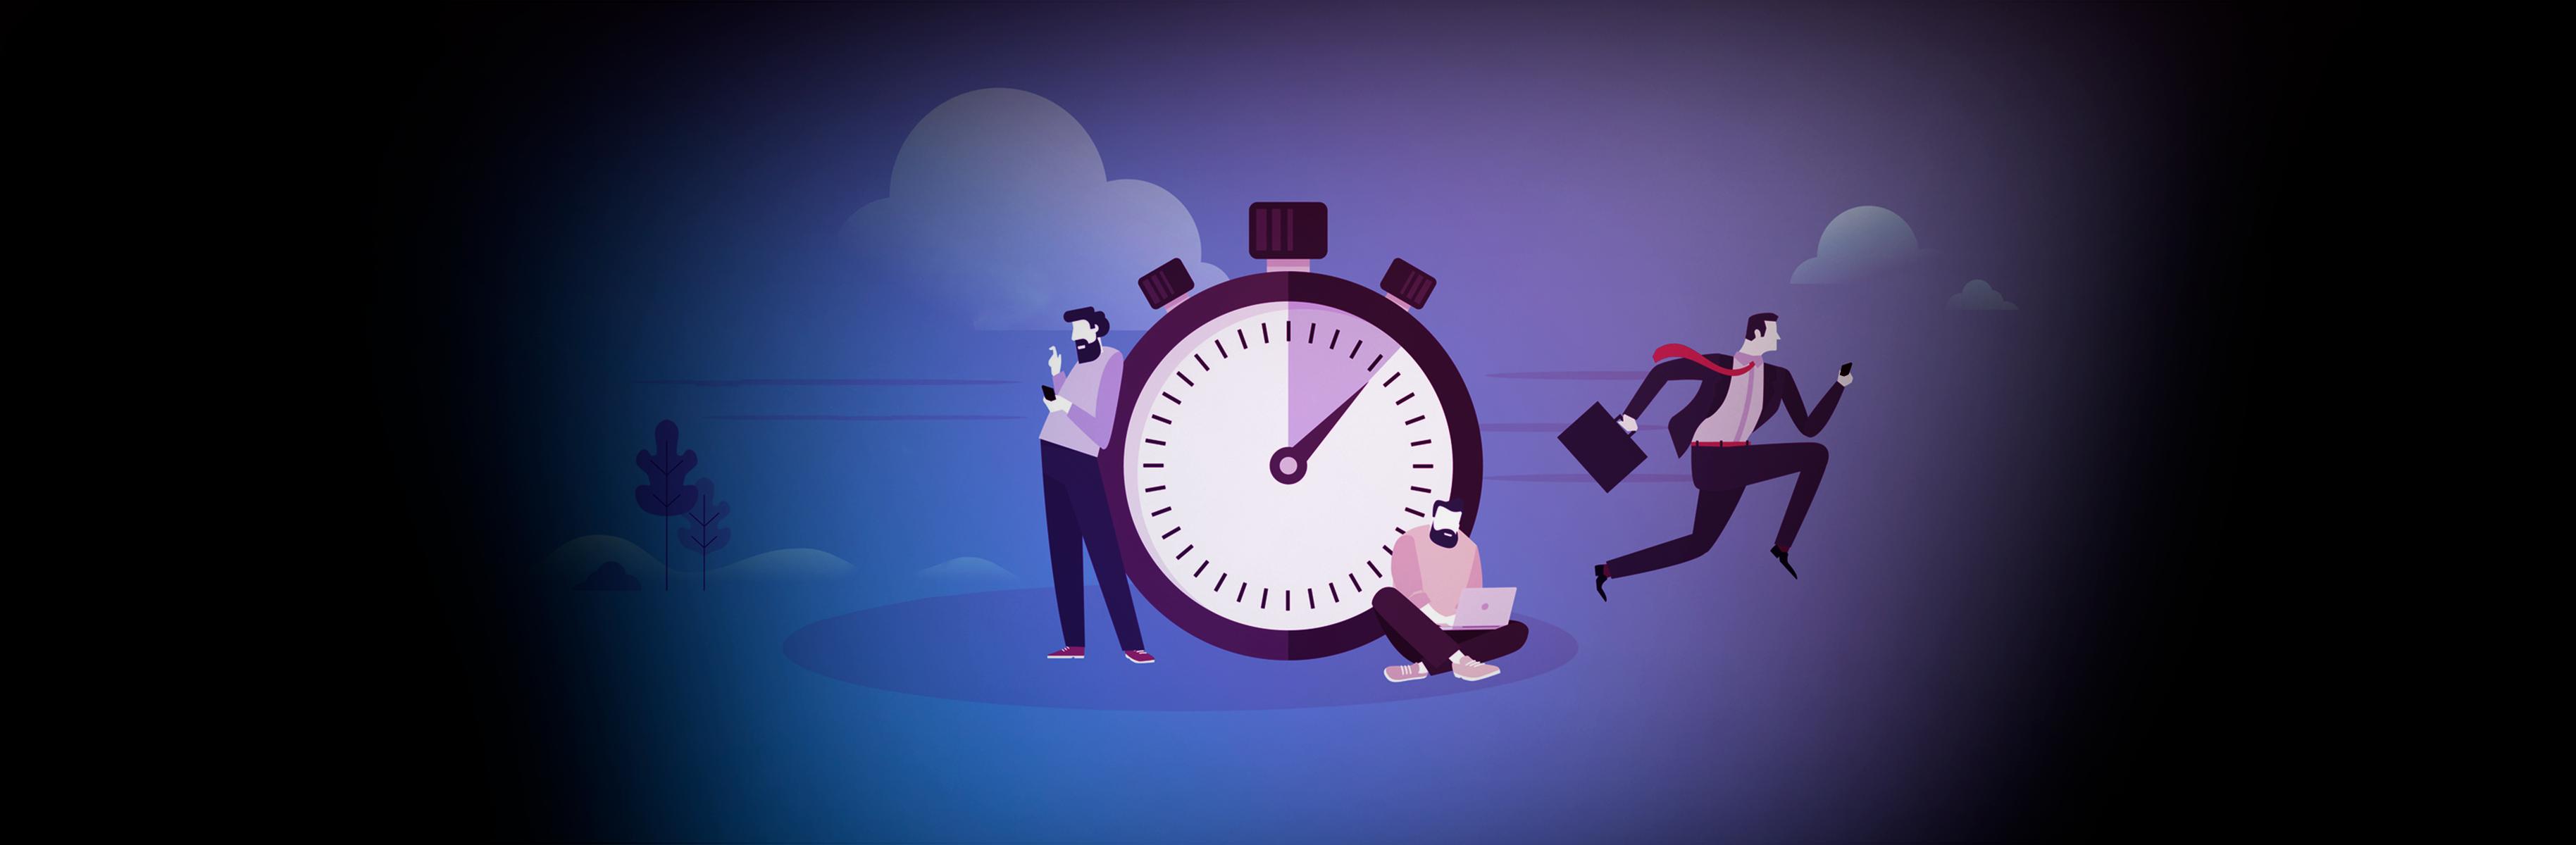 5 fatos sobre a evolução do atendimento ao cliente que você não pode ignorar